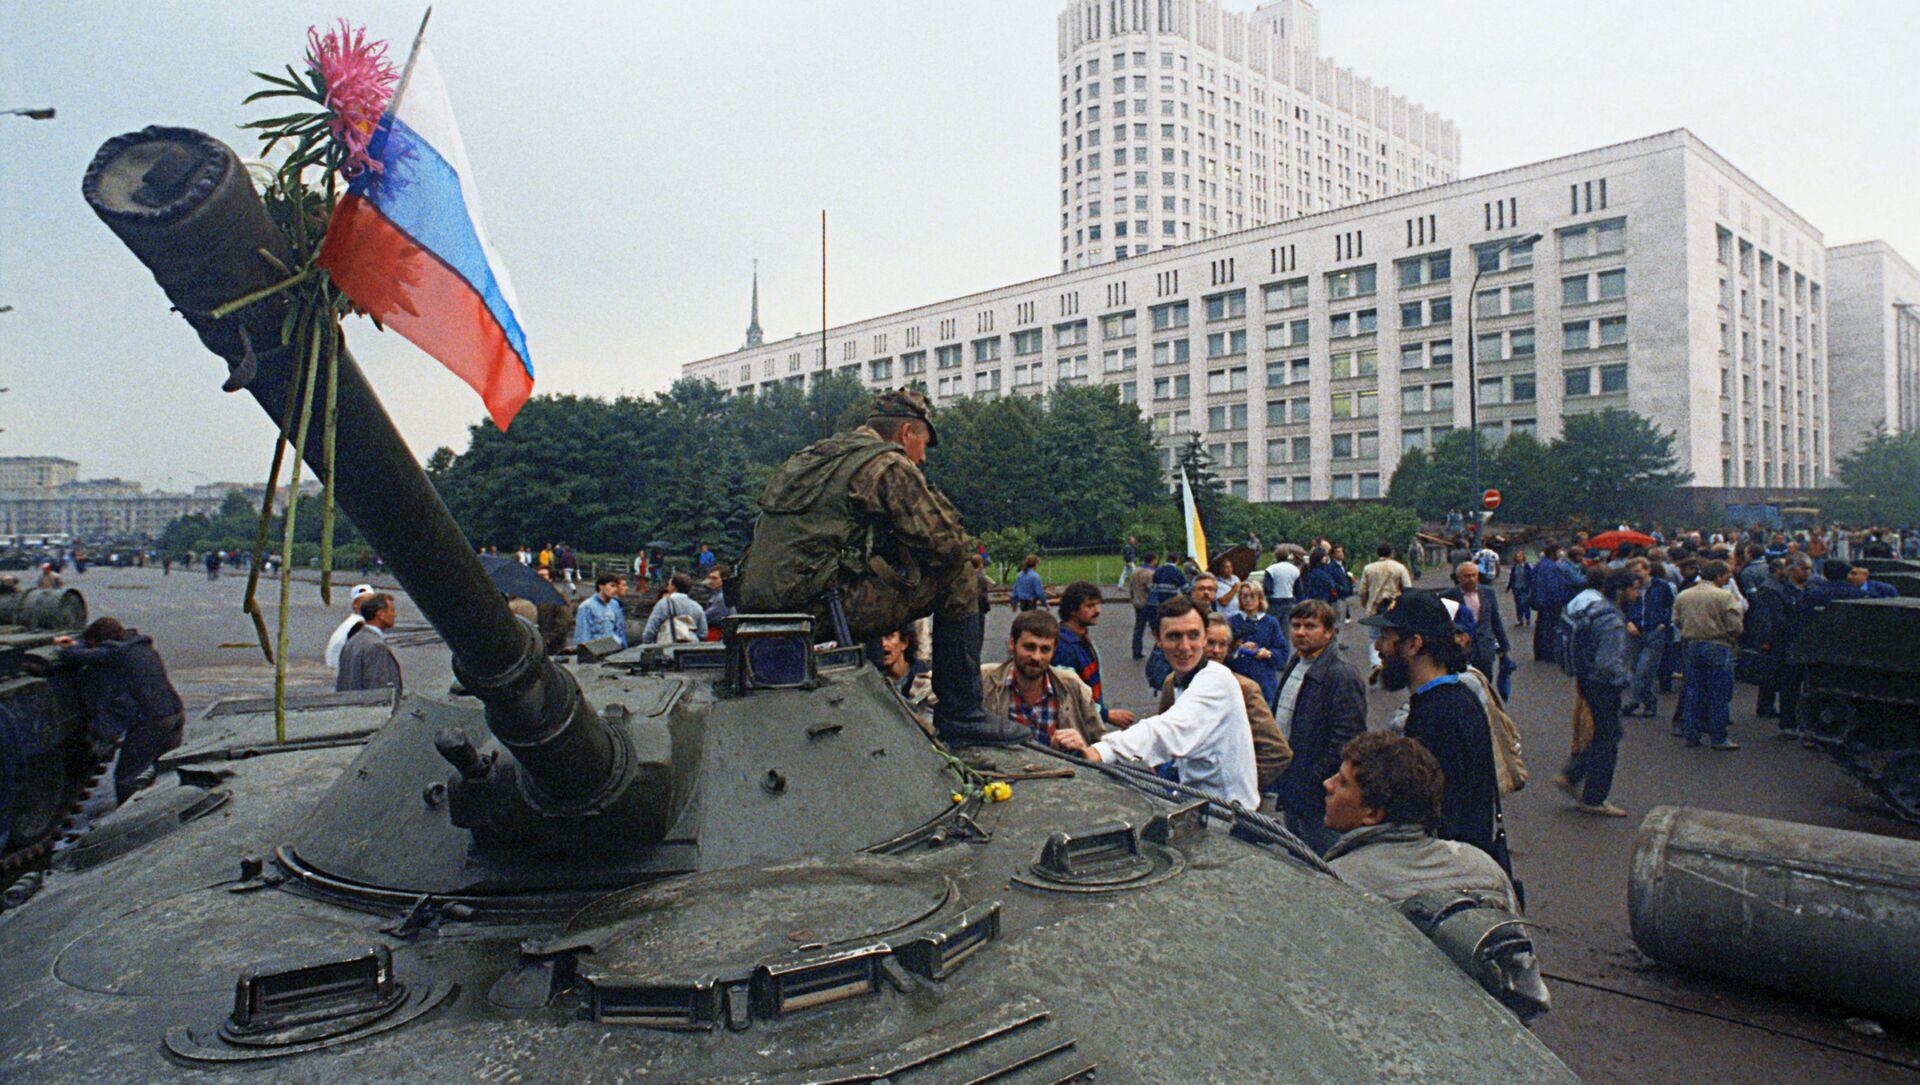 Защитники Белого дома прикрепили цветы к орудийному стволу одного из танков, введеных в Москву 19 августа 1991 года в связи с объявлением членами ГКЧП чрезвычайного положения в столице. - Sputnik Абхазия, 1920, 19.08.2021